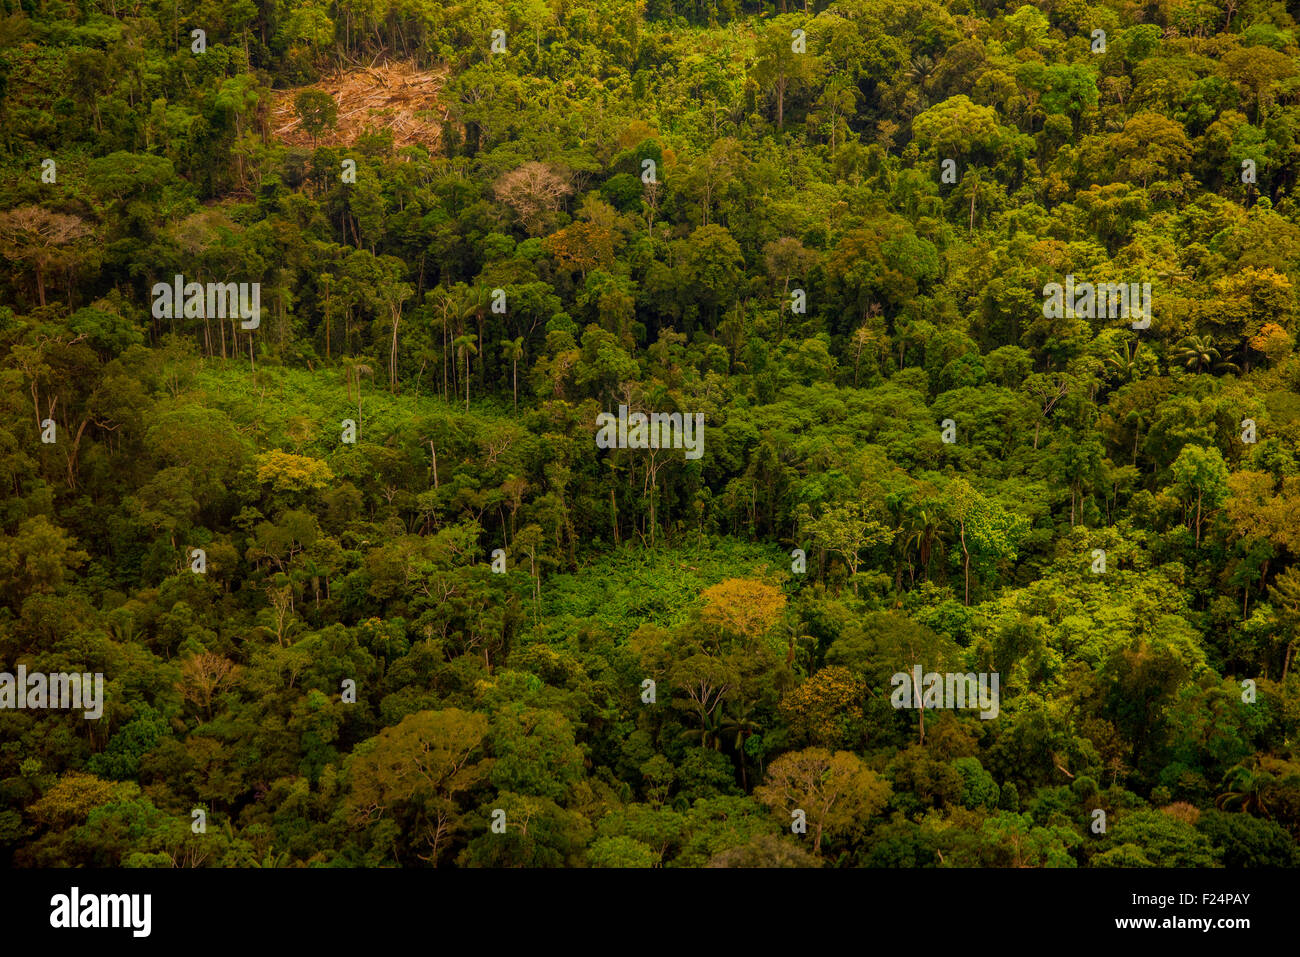 L'antenne, de la forêt tropicale, forêt secondaire et les terres défrichées pour l'agriculture Photo Stock